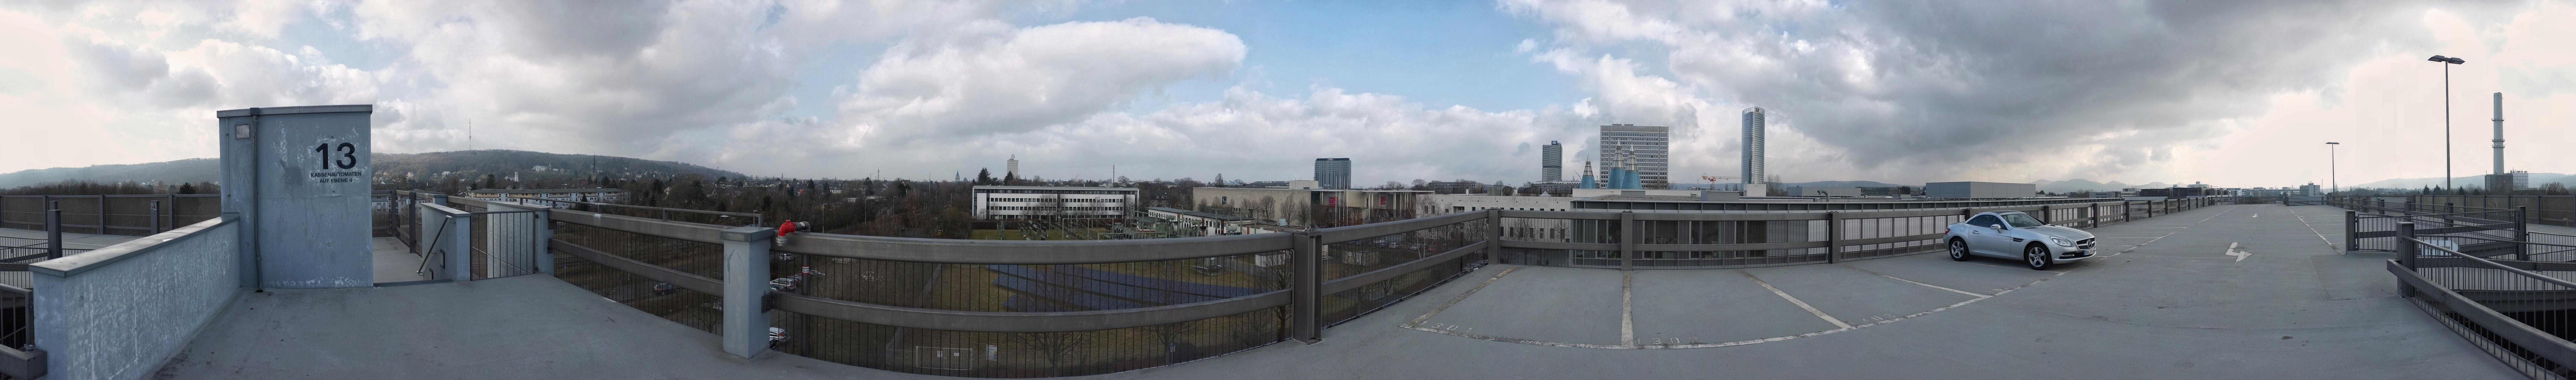 Fuji X100 - Bonn - Stitched Panorama - 360° - Full Size